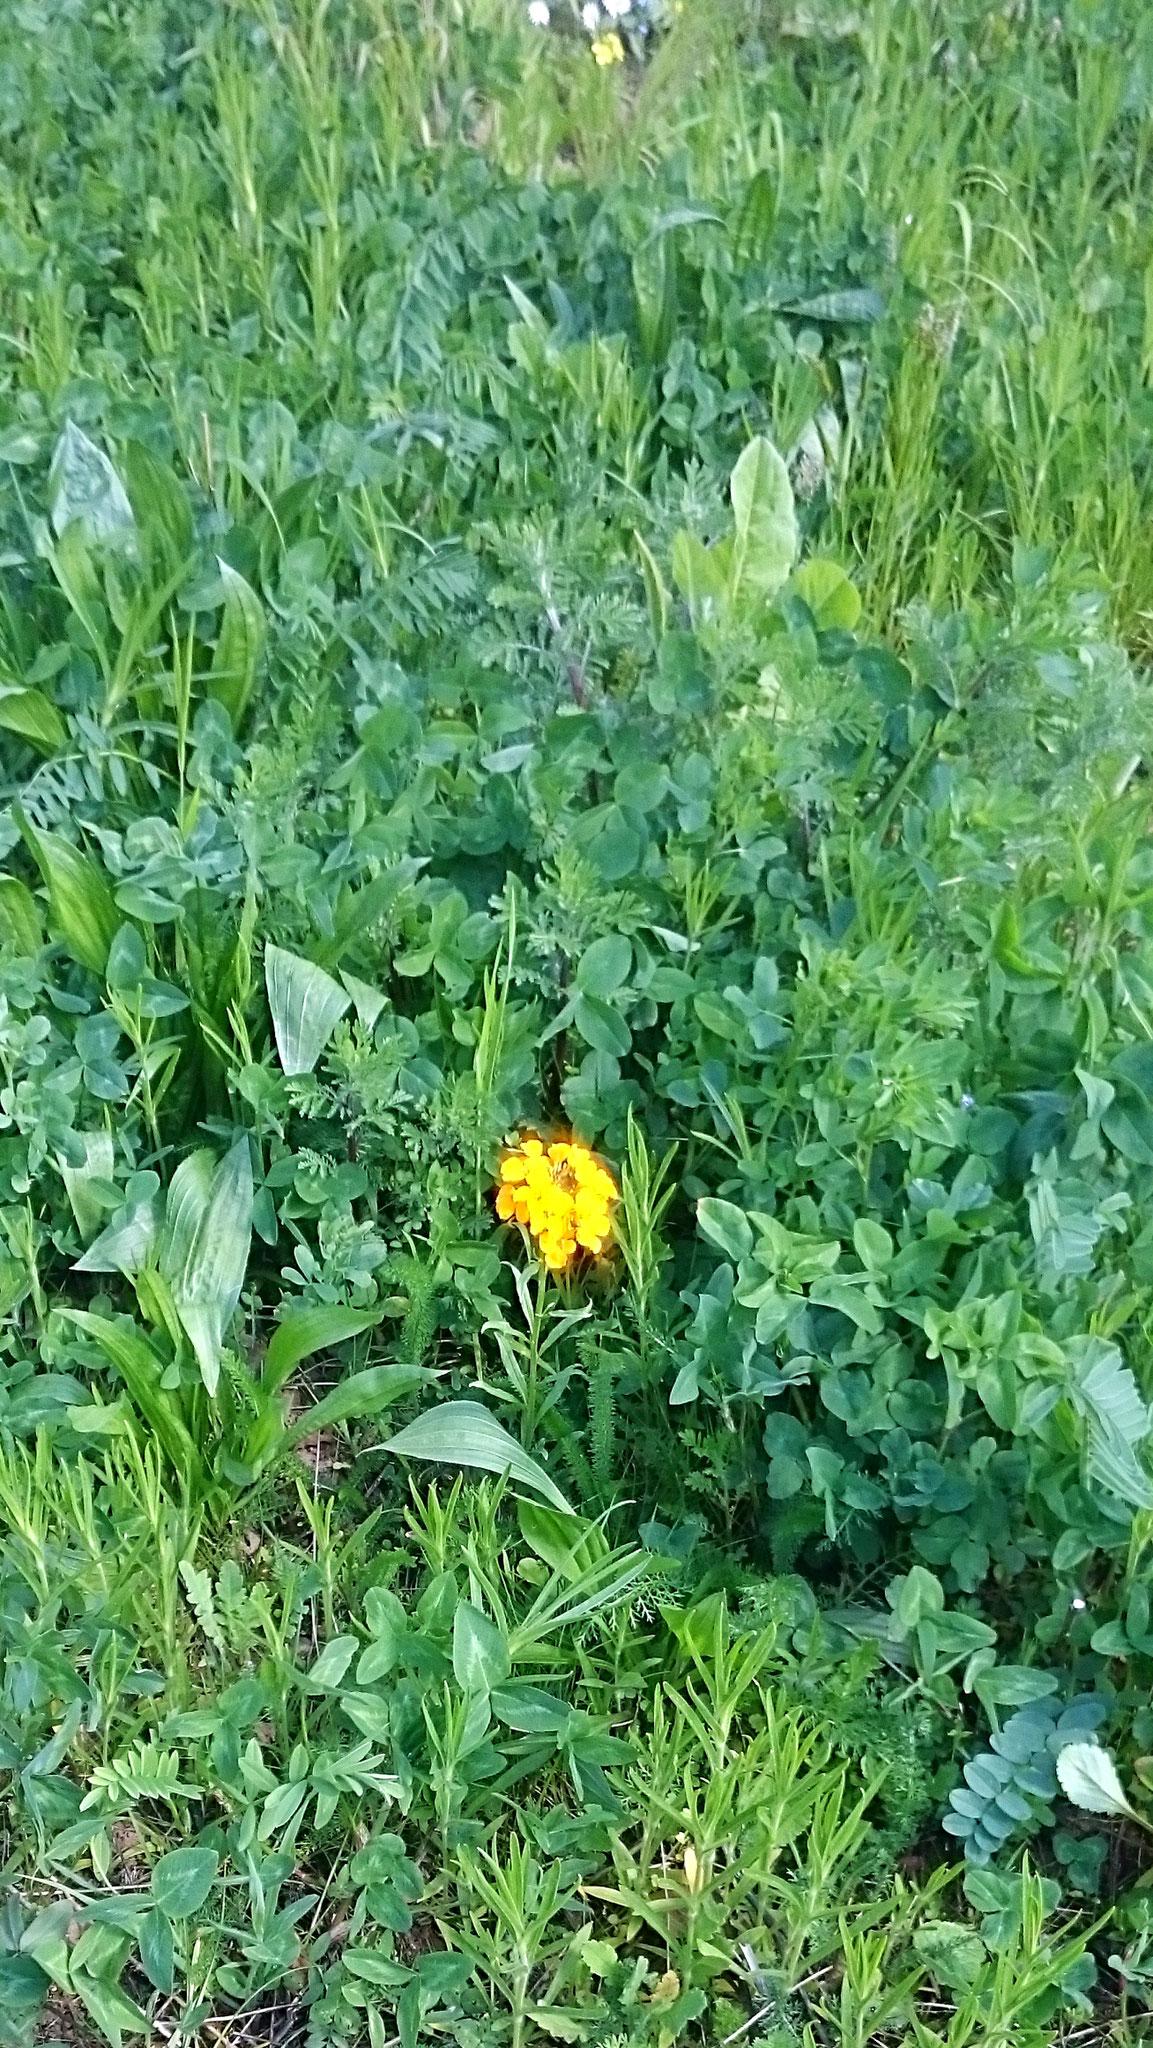 die ersten Blüten zeigen sich! - Foto: Britta Raabe